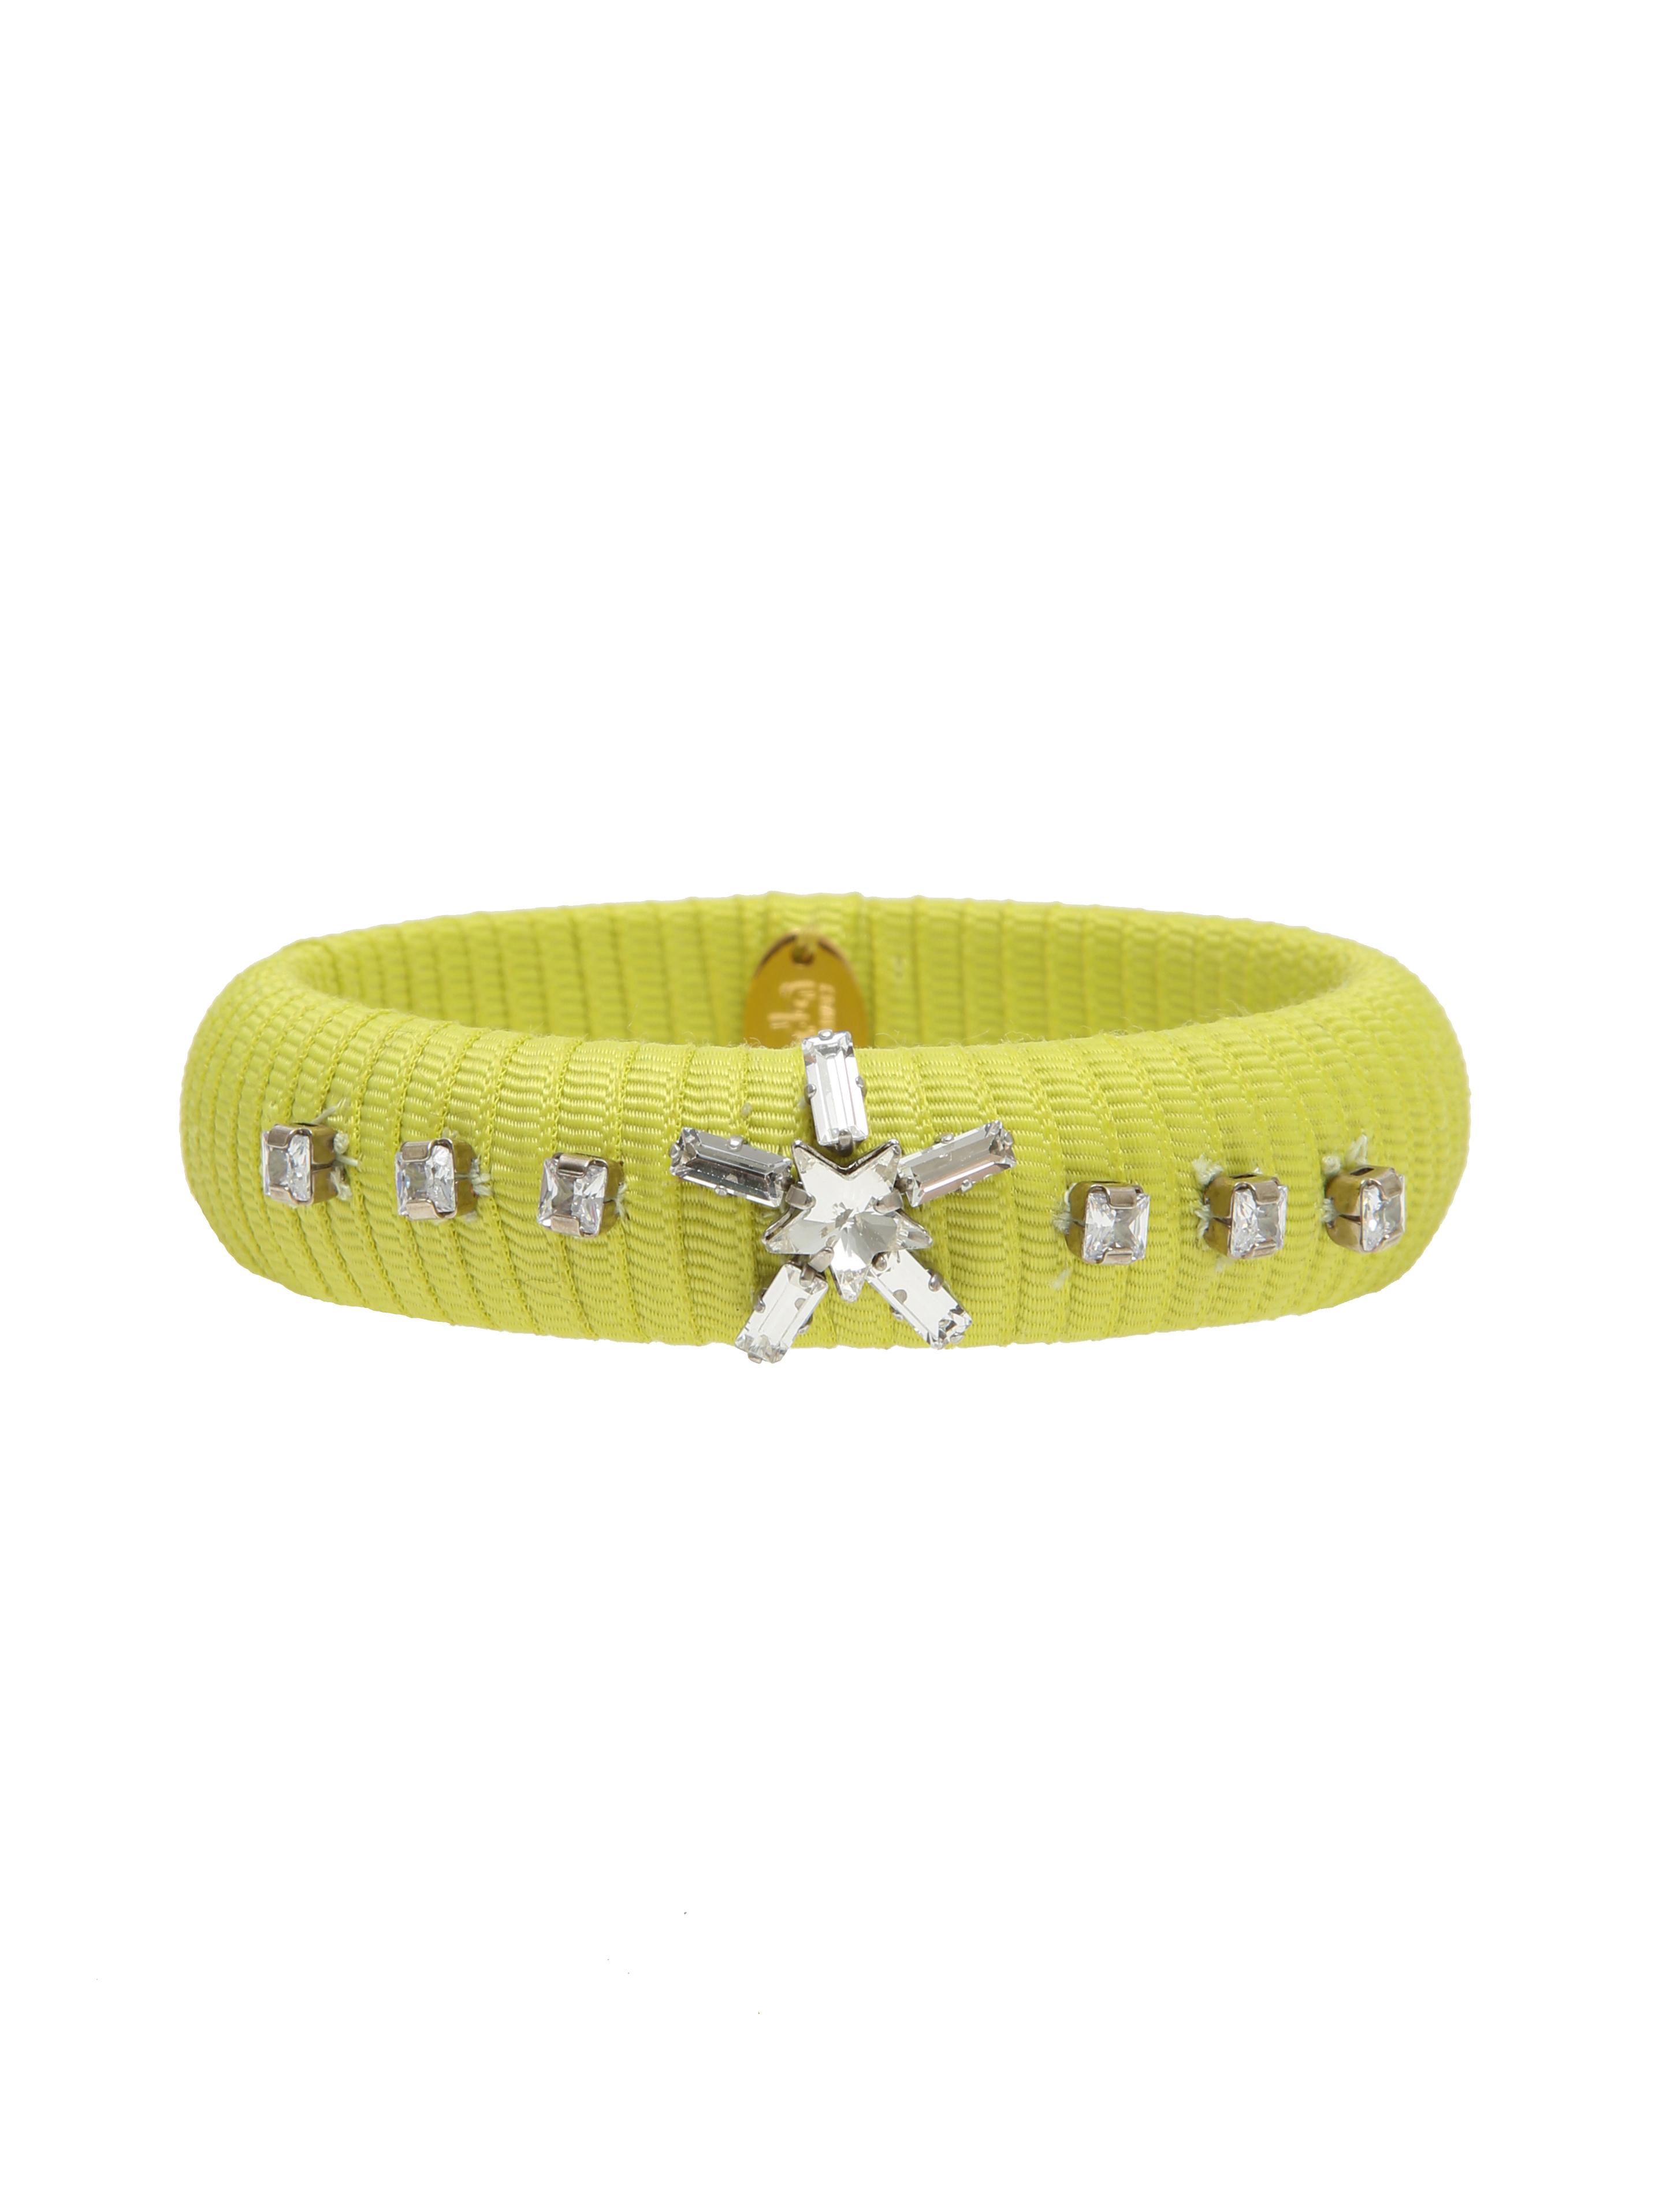 Ribbon bangle with crystals and star